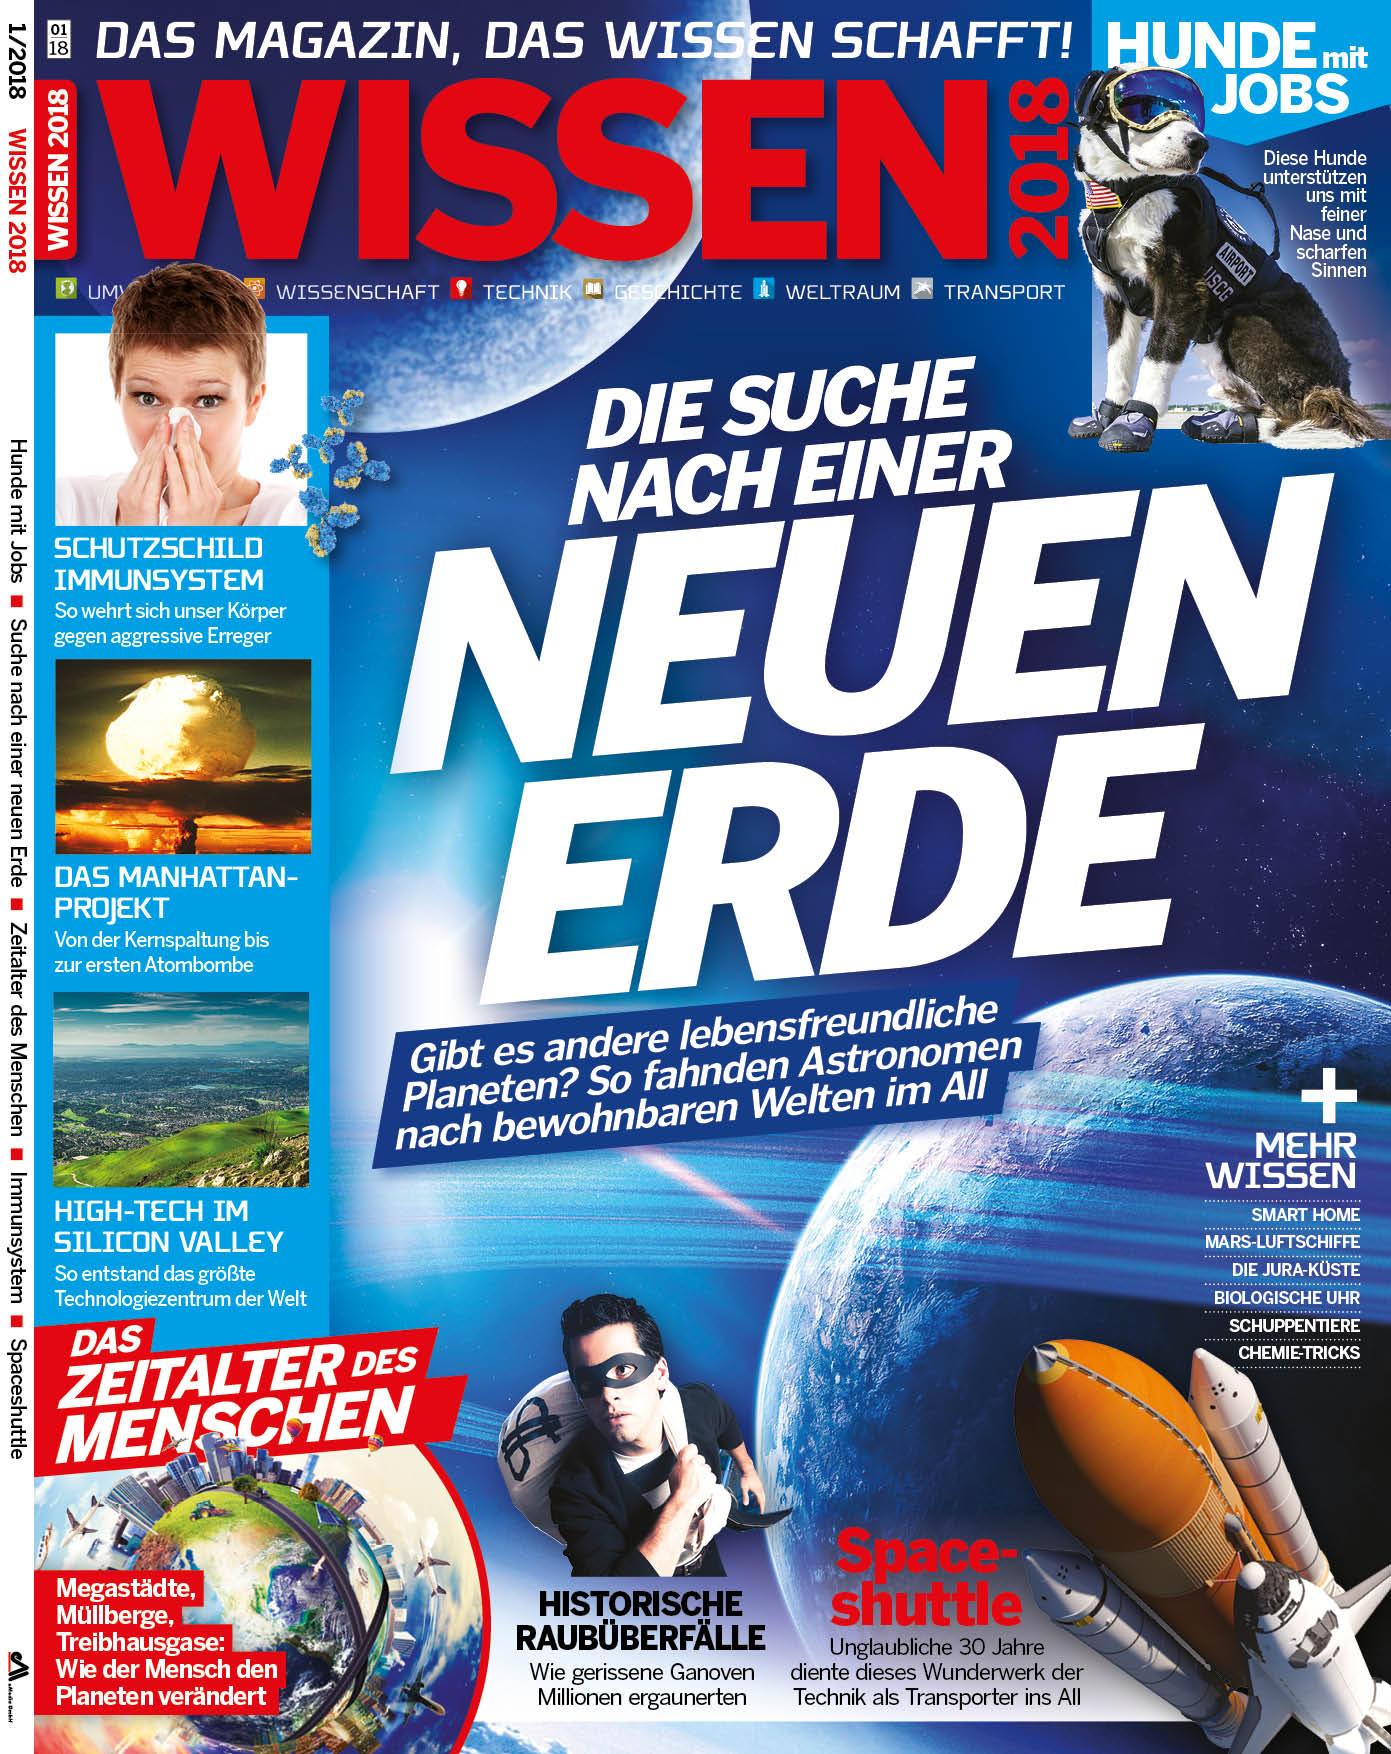 Titelseite WISSEN 1/2018